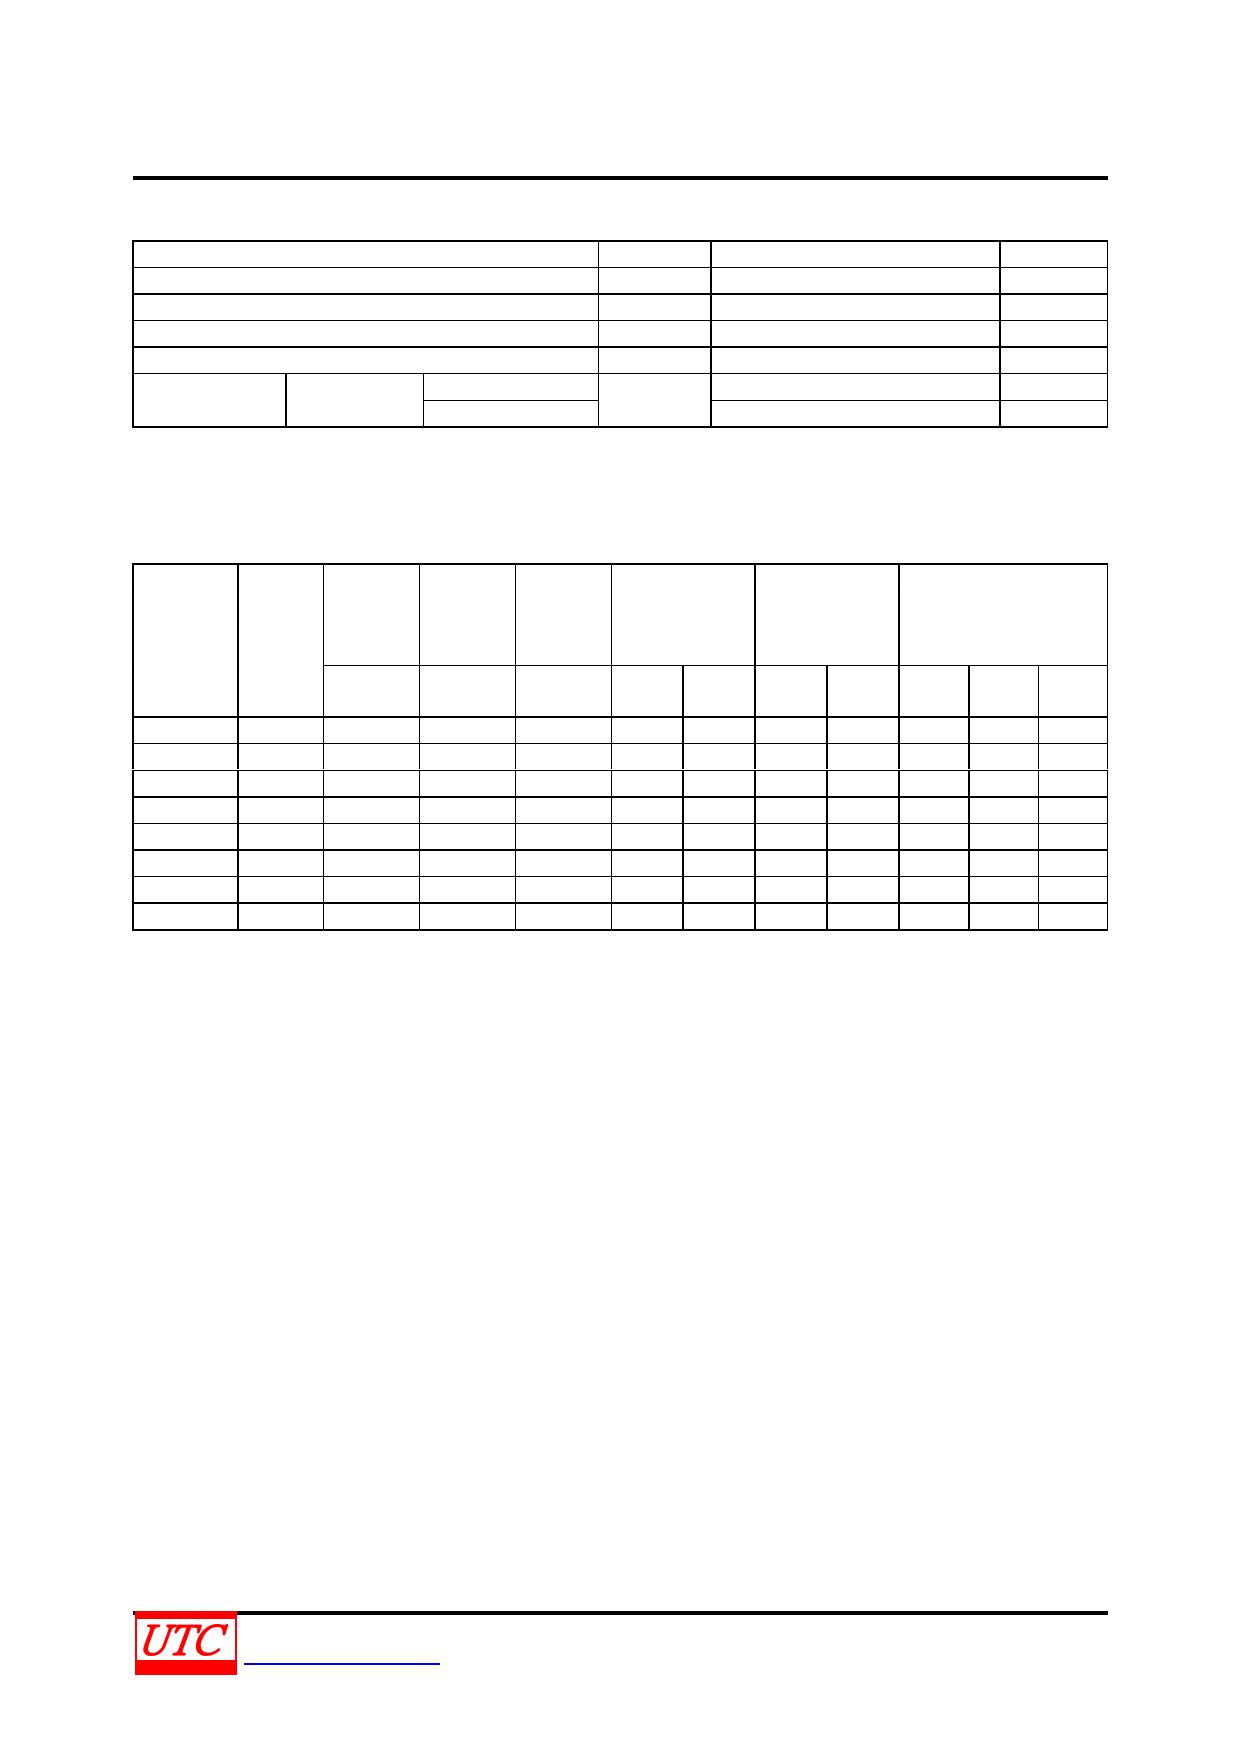 SMA15V pdf, schematic